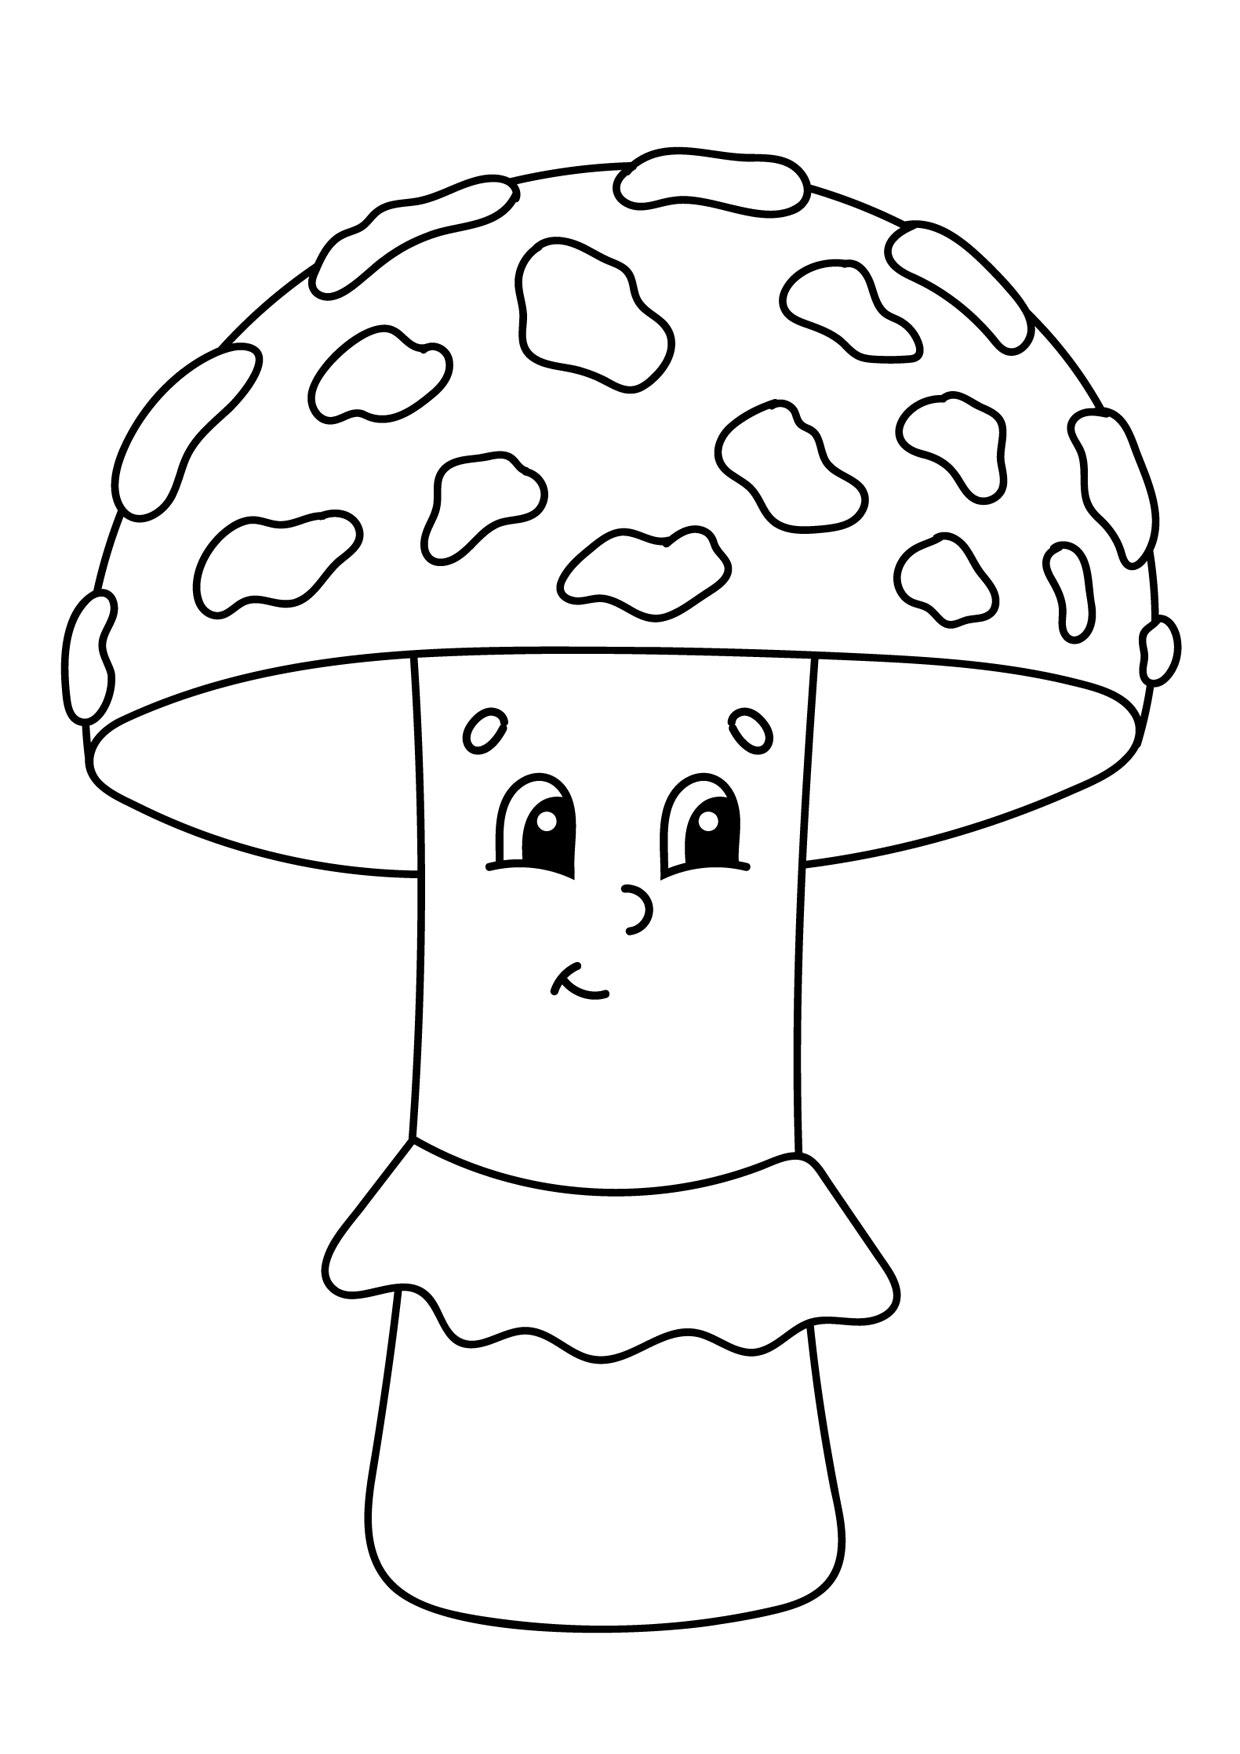 Disegno di funghi da colorare 03